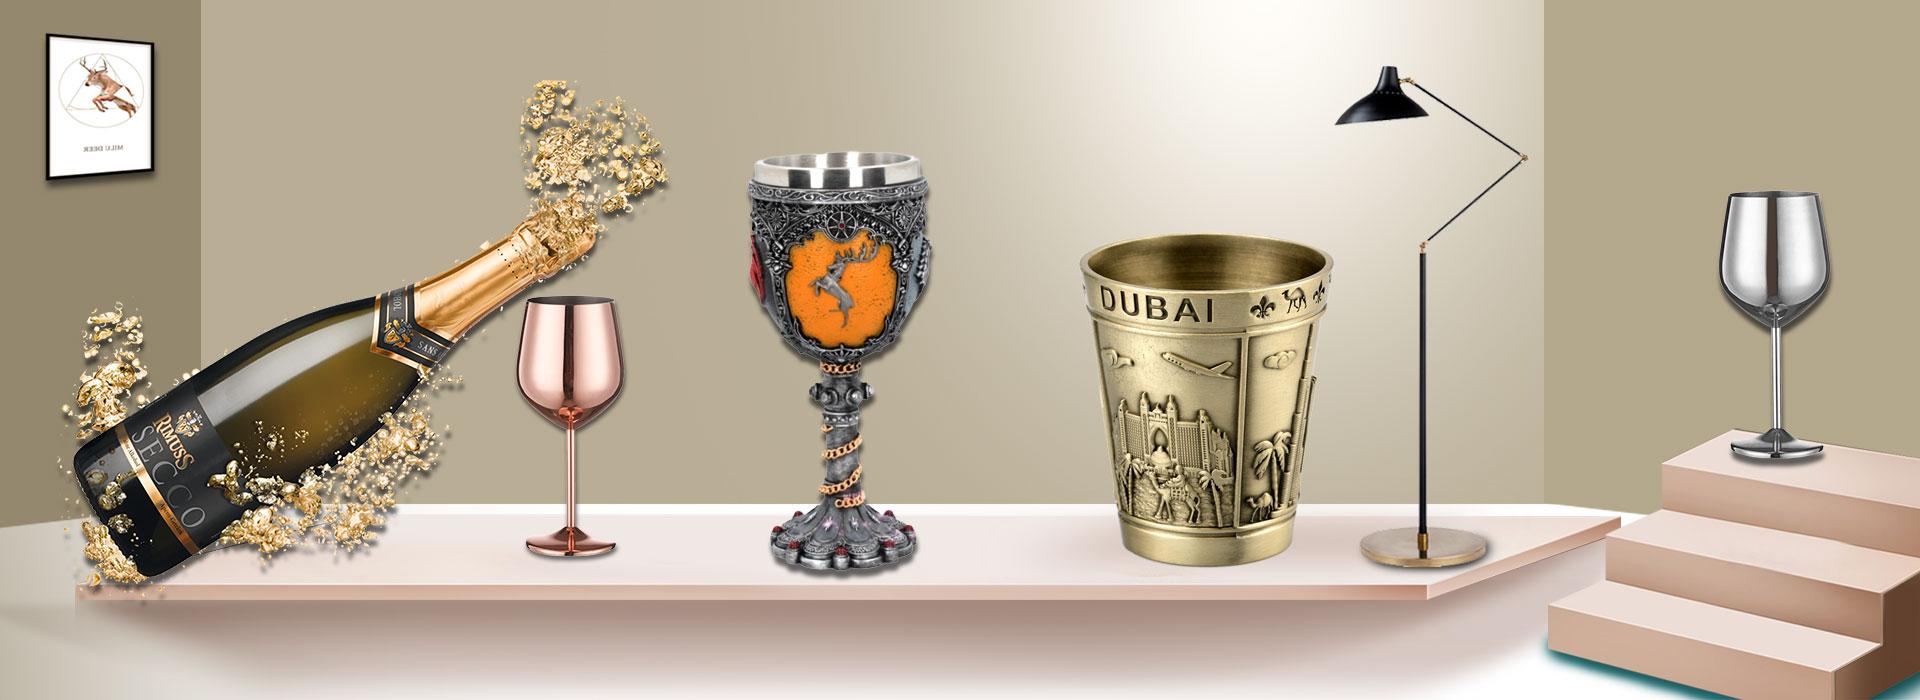 custom metal wine glass